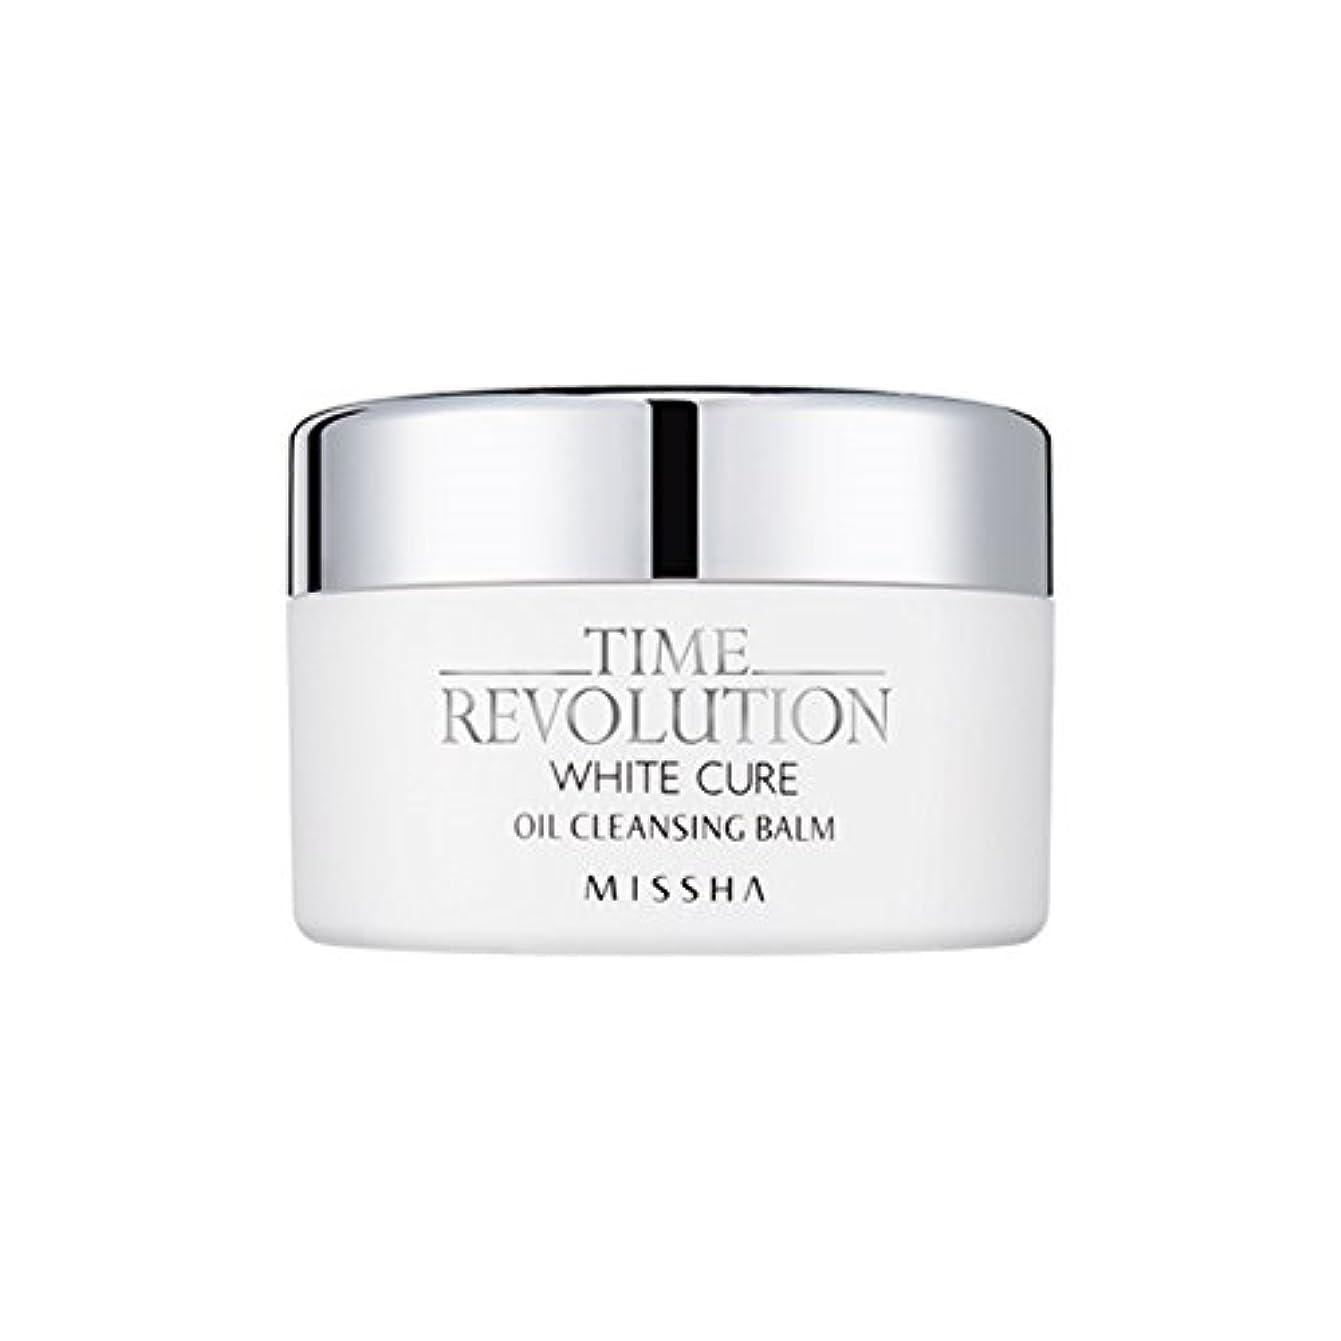 説教偶然センブランス[New] MISSHA Time Revolution White Cure Oil Cleansing Balm 105g/ミシャ タイムレボリューション ホワイト キュア オイル クレンジング バーム 105g